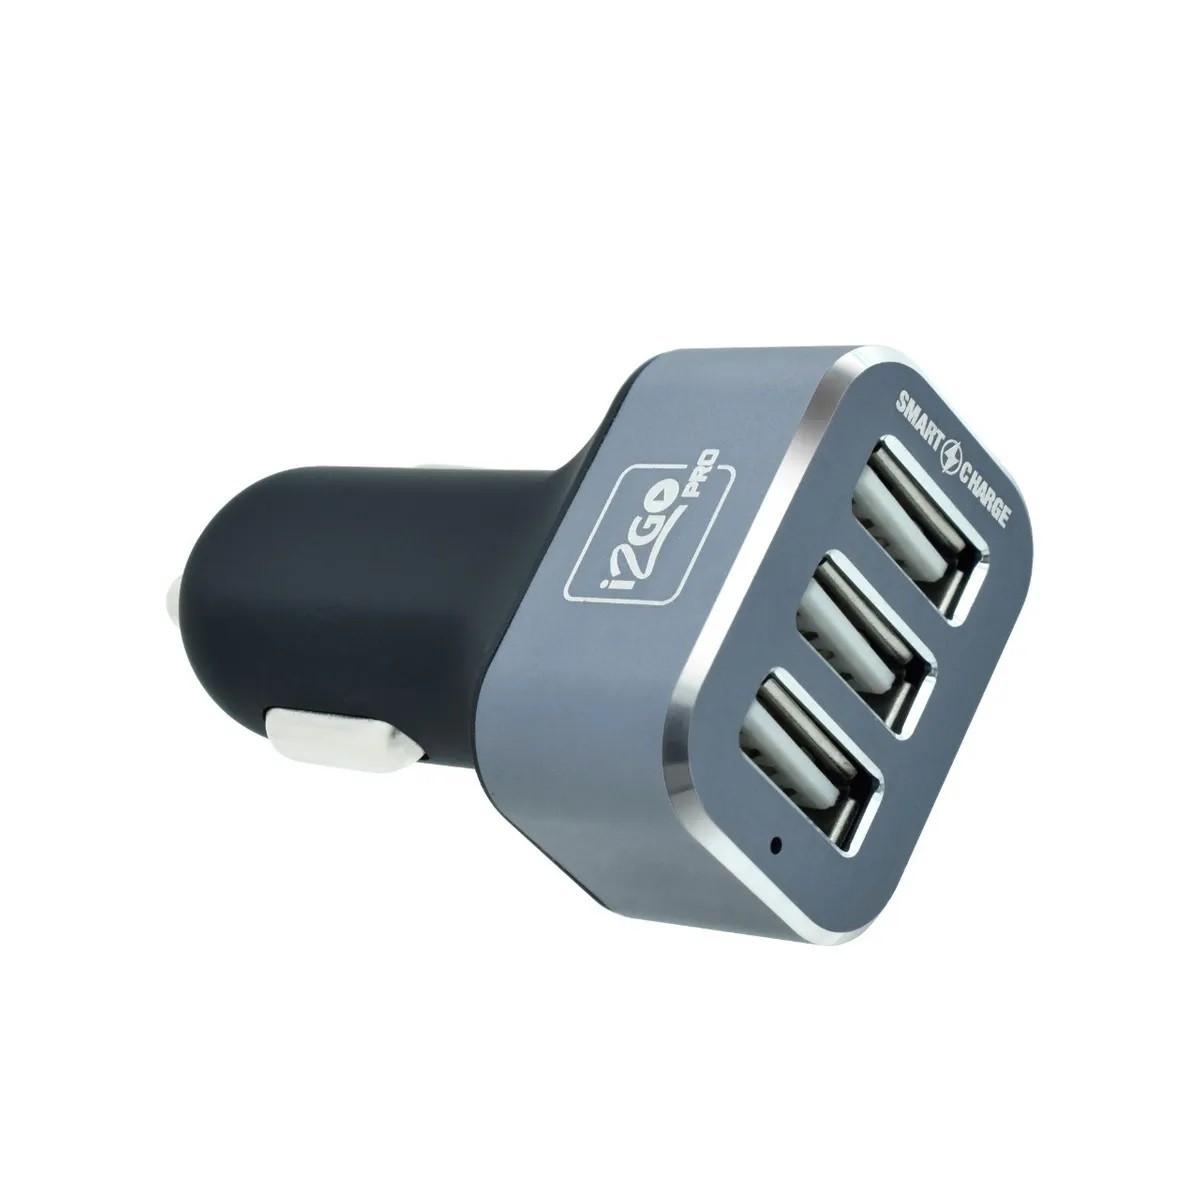 Acendedor USB i2GO Pro com 3 saídas